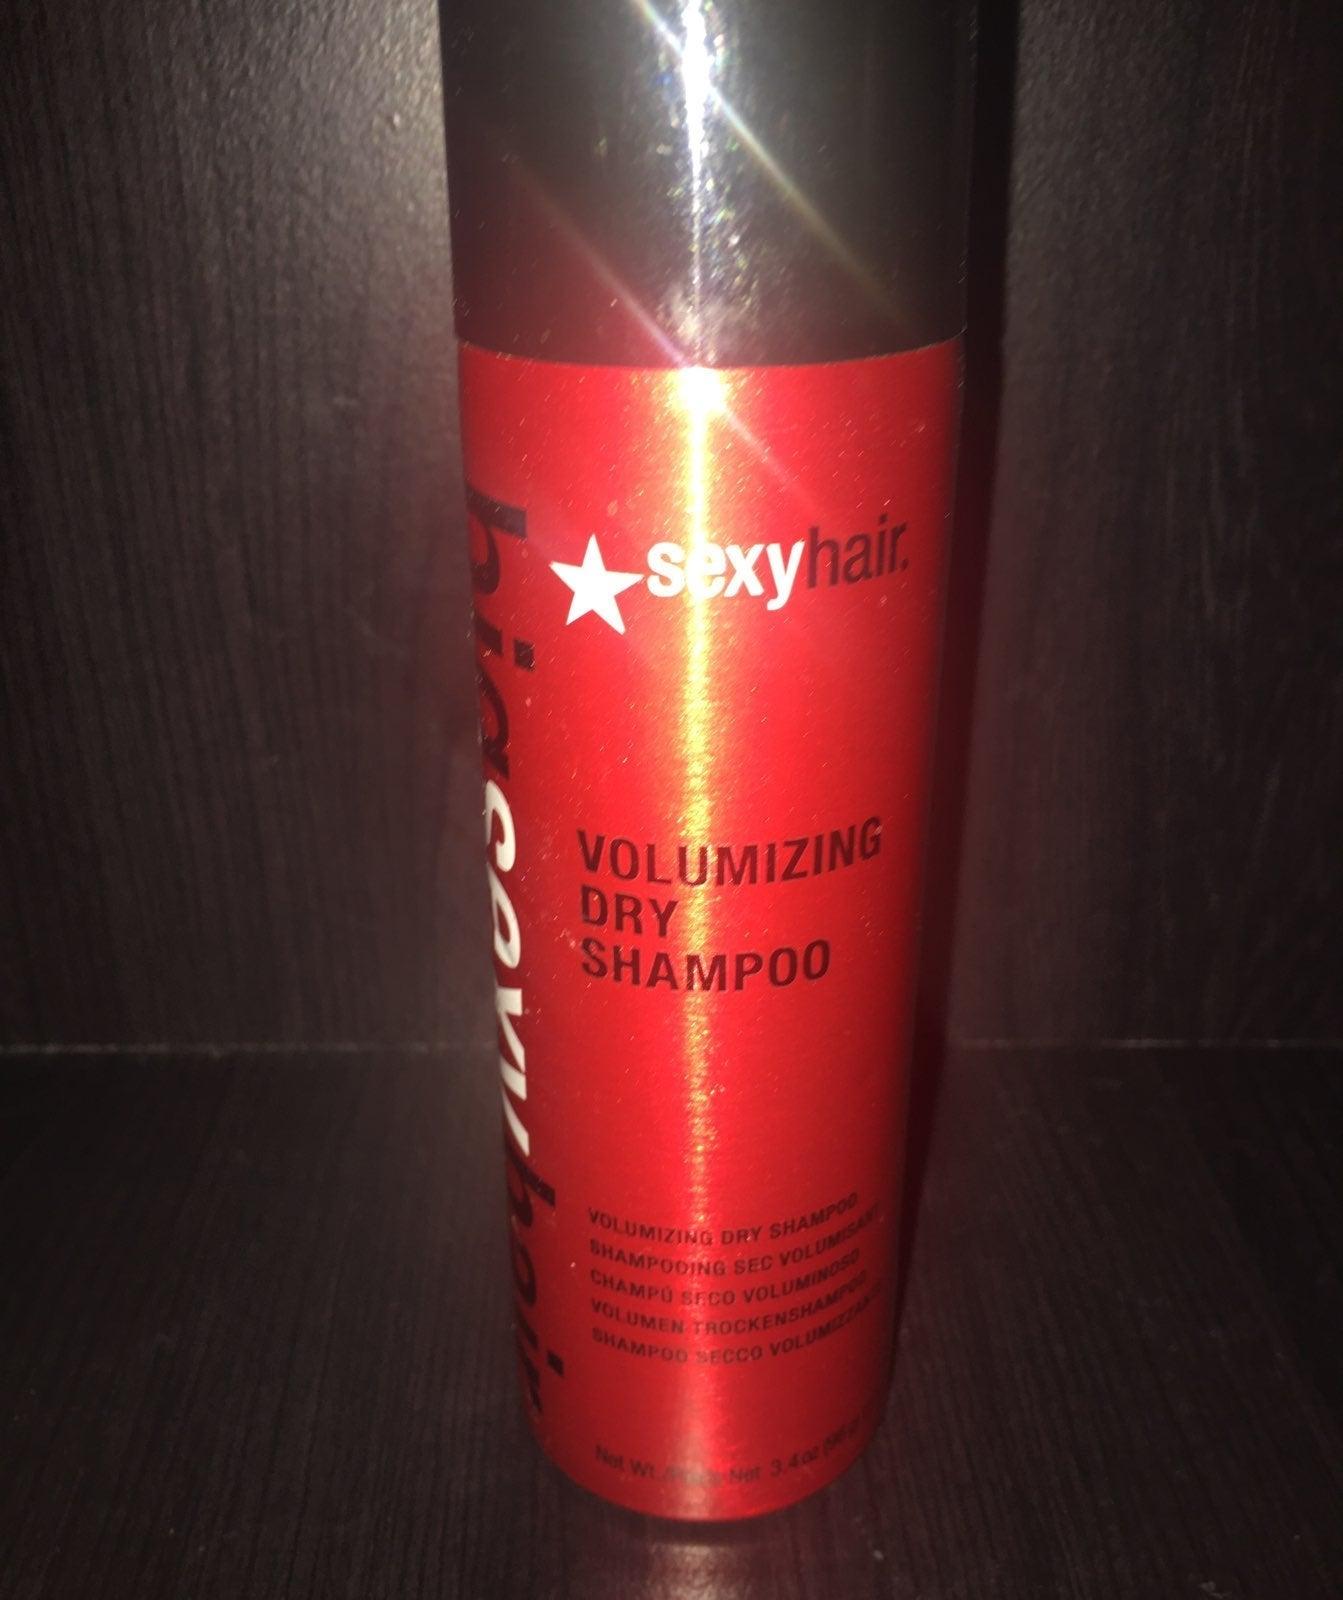 Big Sexy Hair Dry Shampoo